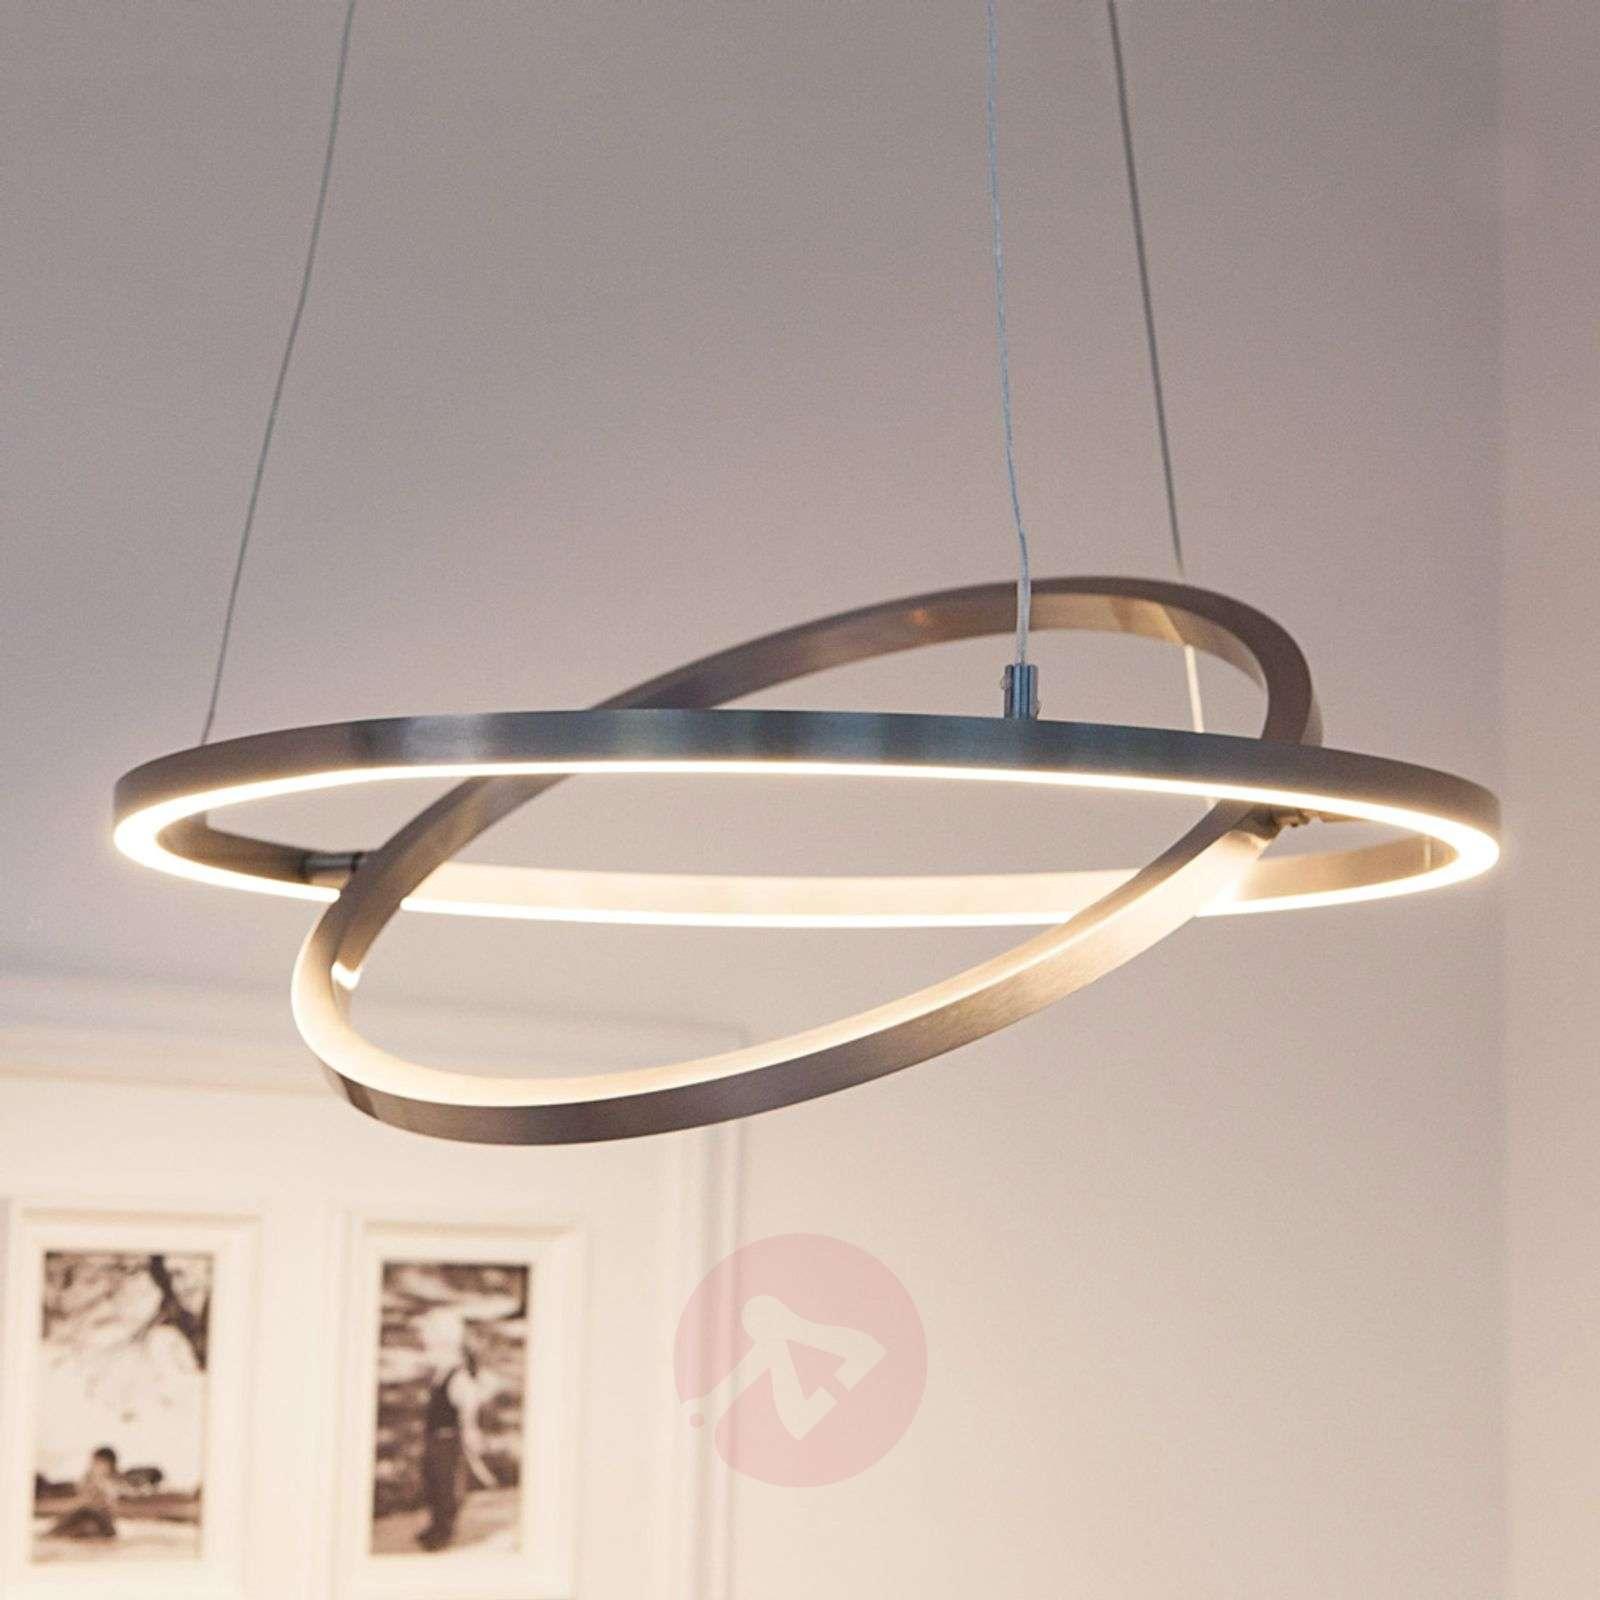 LED-riippuvalaisin Lovisa kahdella LED-renkaalla-7620002-02